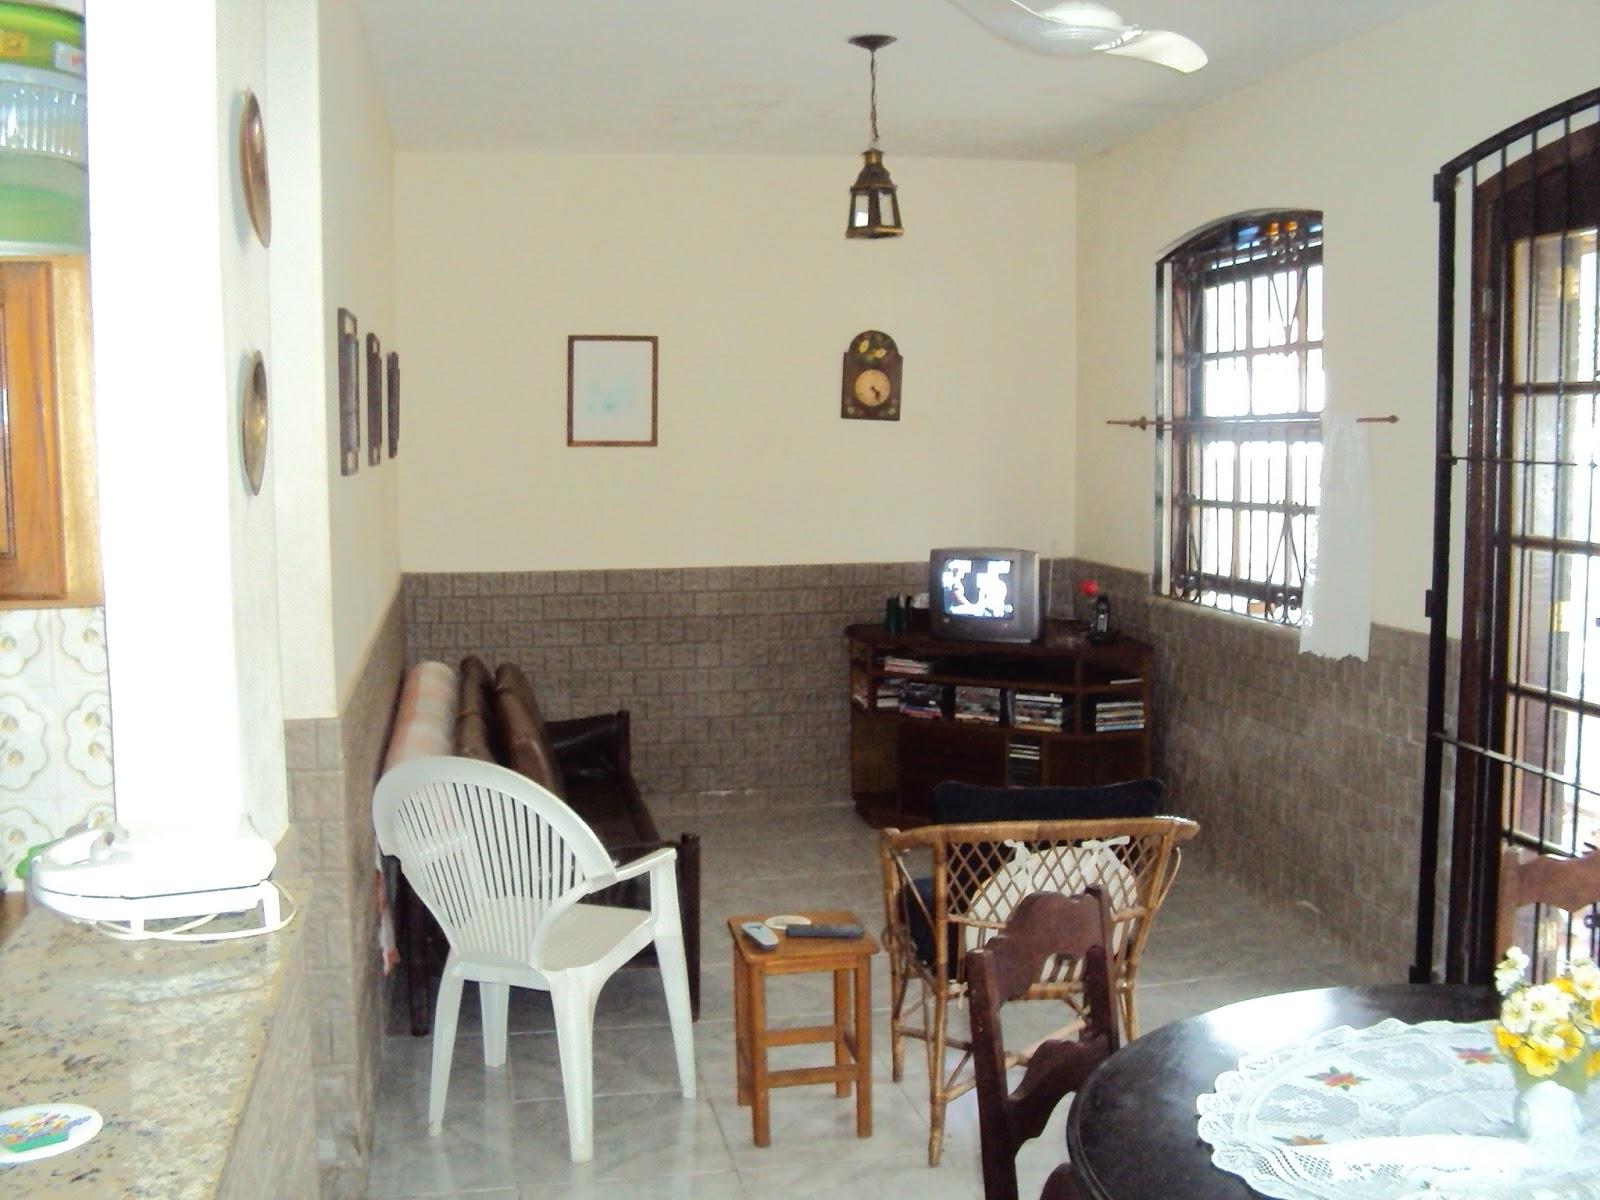 #A06E2B  : Casa com 3 quartos sendo um suite no melhor local de Areal REF 06 1600x1200 px Casas Bahia Armario De Cozinha 200 Reais #1615 imagens